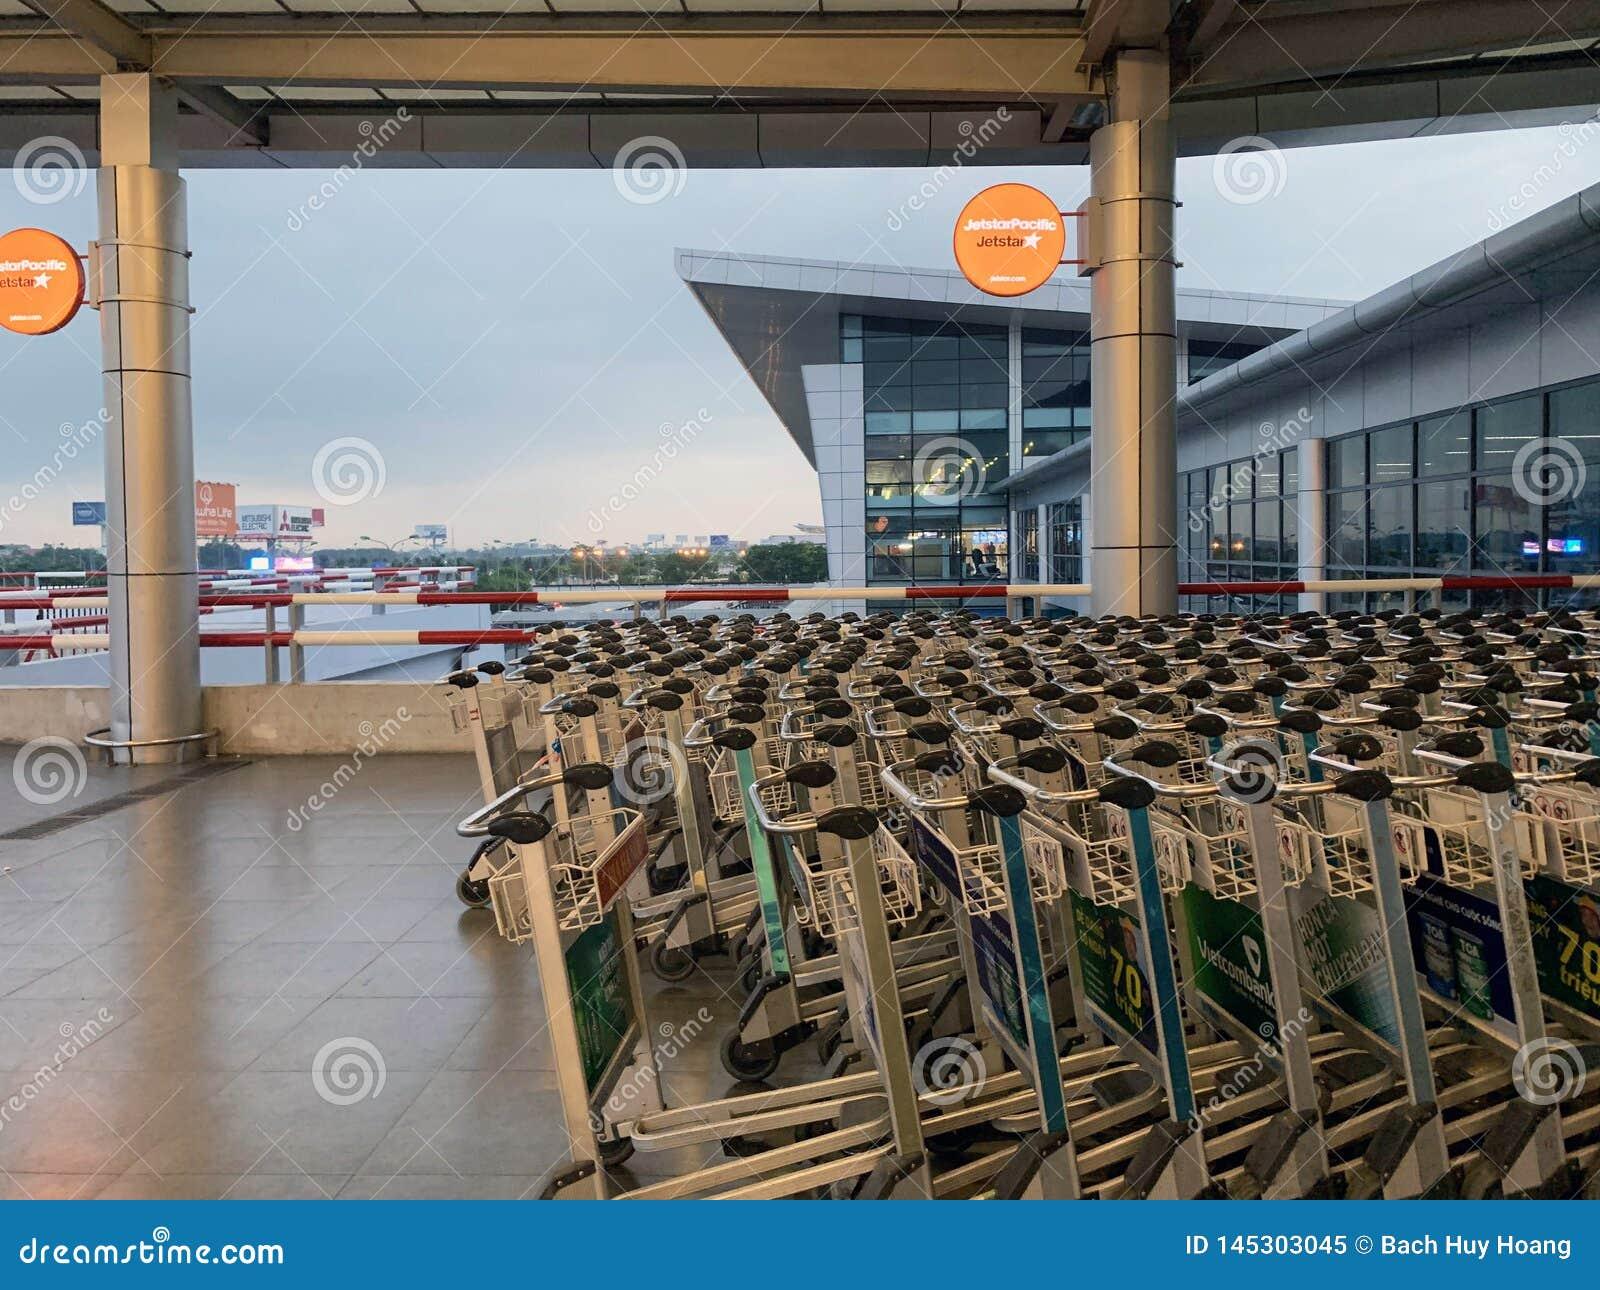 Przestrze? w?rodku lotniskowego czekanie domu, ludzie czeka? na odpraw procedury - Hanoi, Wietnam Kwiecie? 16, 2019